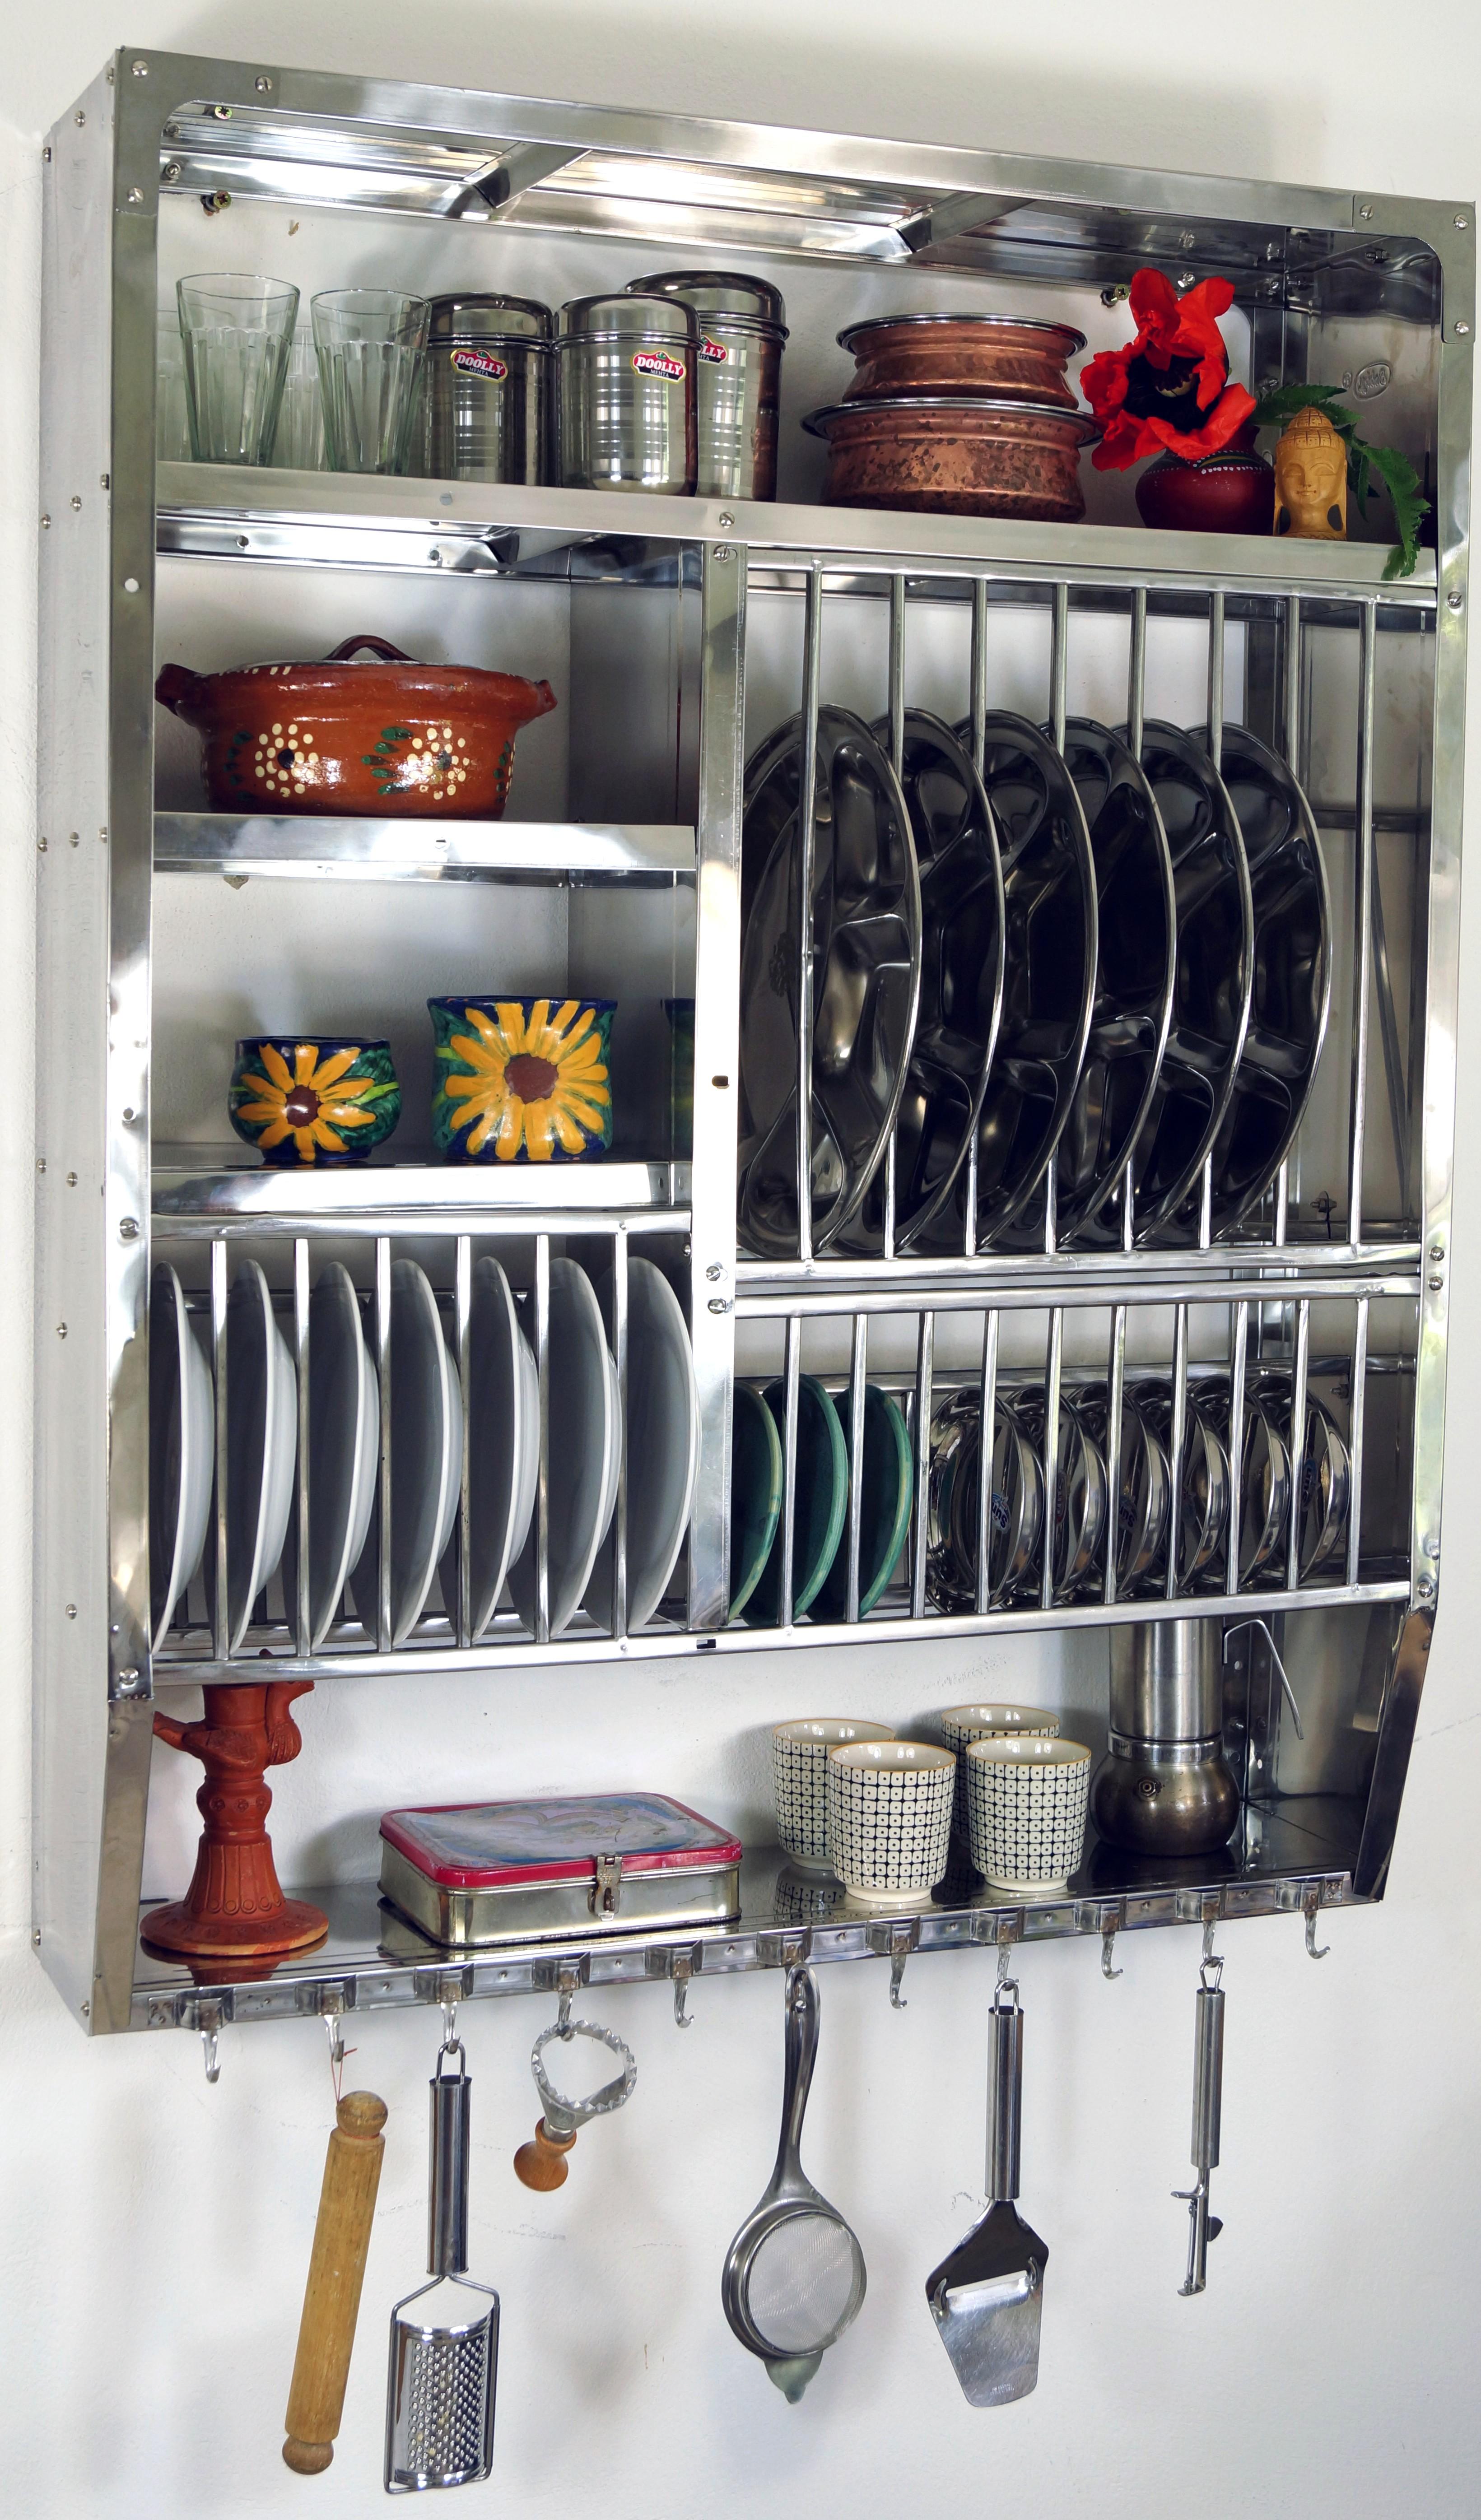 Stainless Steel Kitchen Shelf Wall Shelf Minikitchen With Shelf For